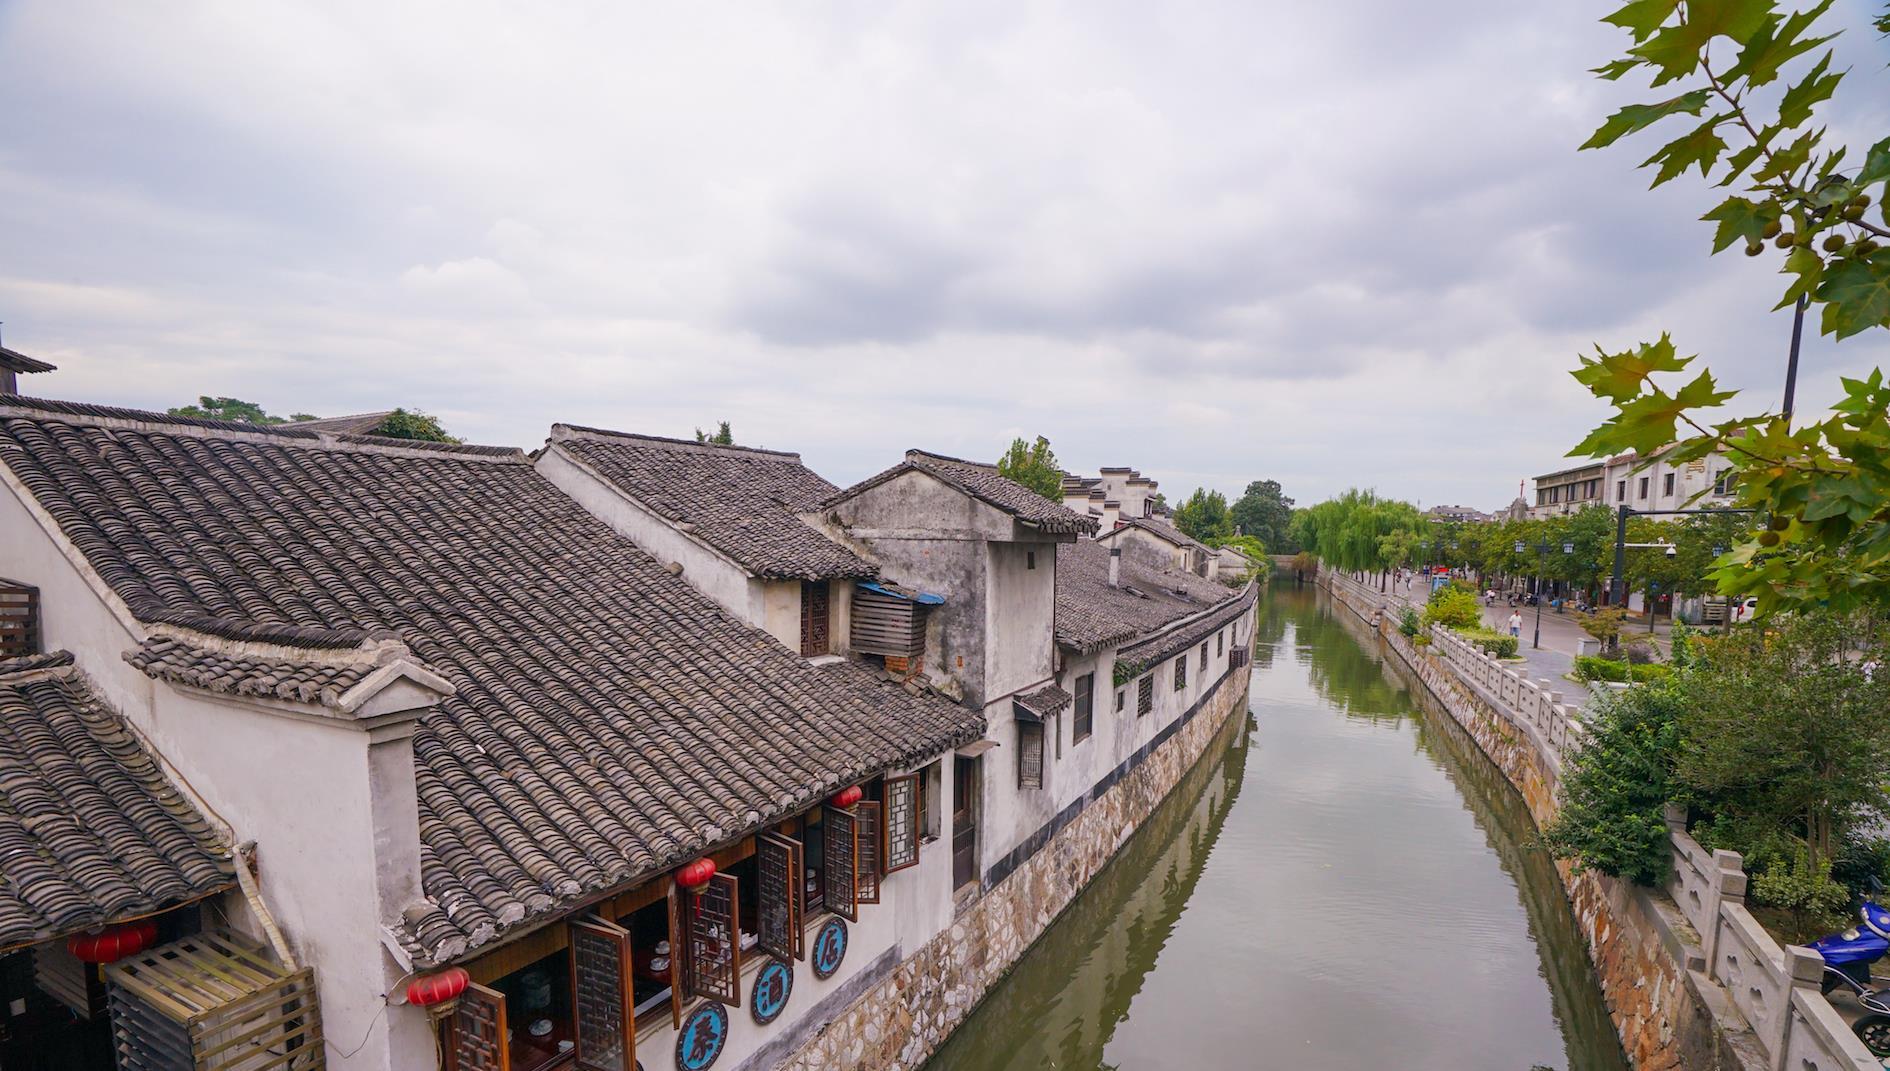 我国首座入选世界文化遗产的古镇, 中西文化交织, 不是西塘和乌镇